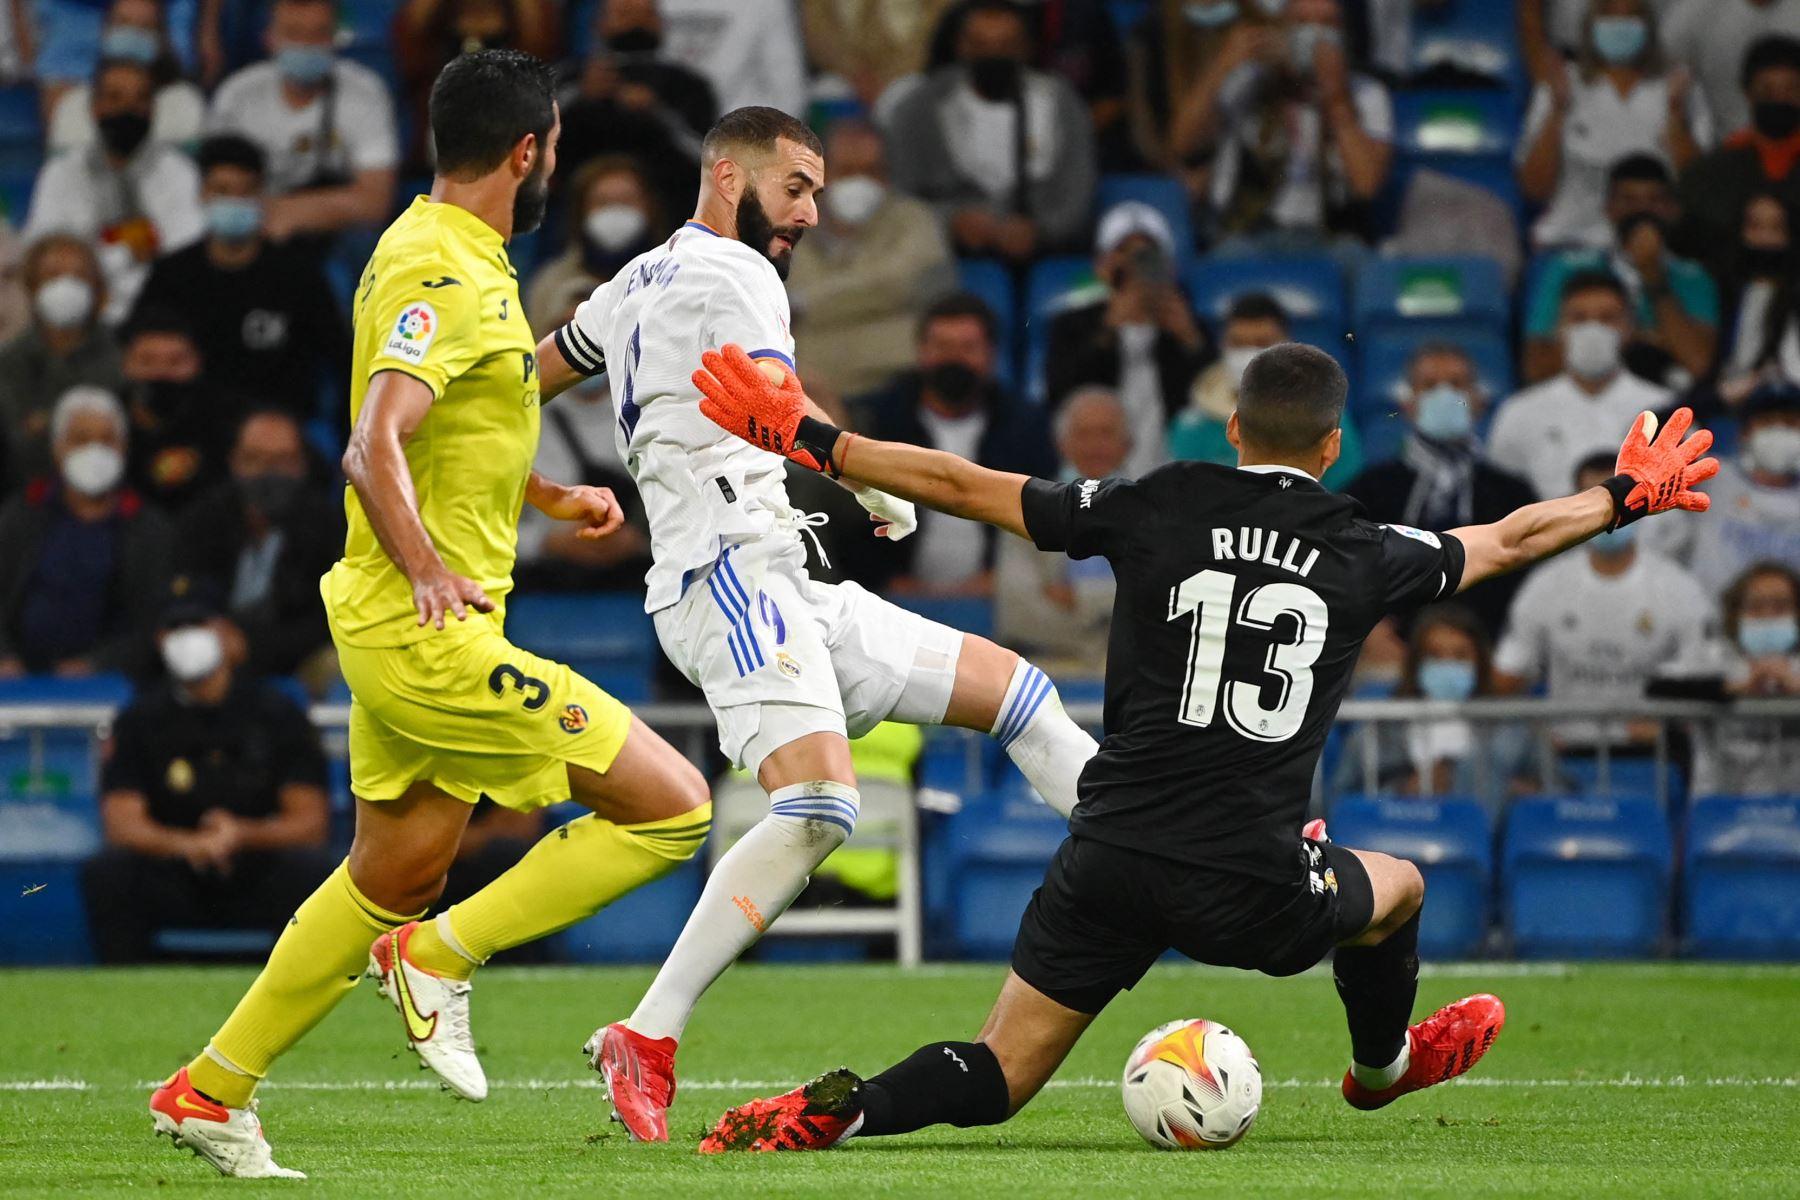 El delantero francés del Real Madrid Karim Benzema compite con el portero argentino del Villarreal Geronimo Rulli durante el partido de fútbol de la Liga española entre el Real Madrid y el Villarreal. Foto: AFP